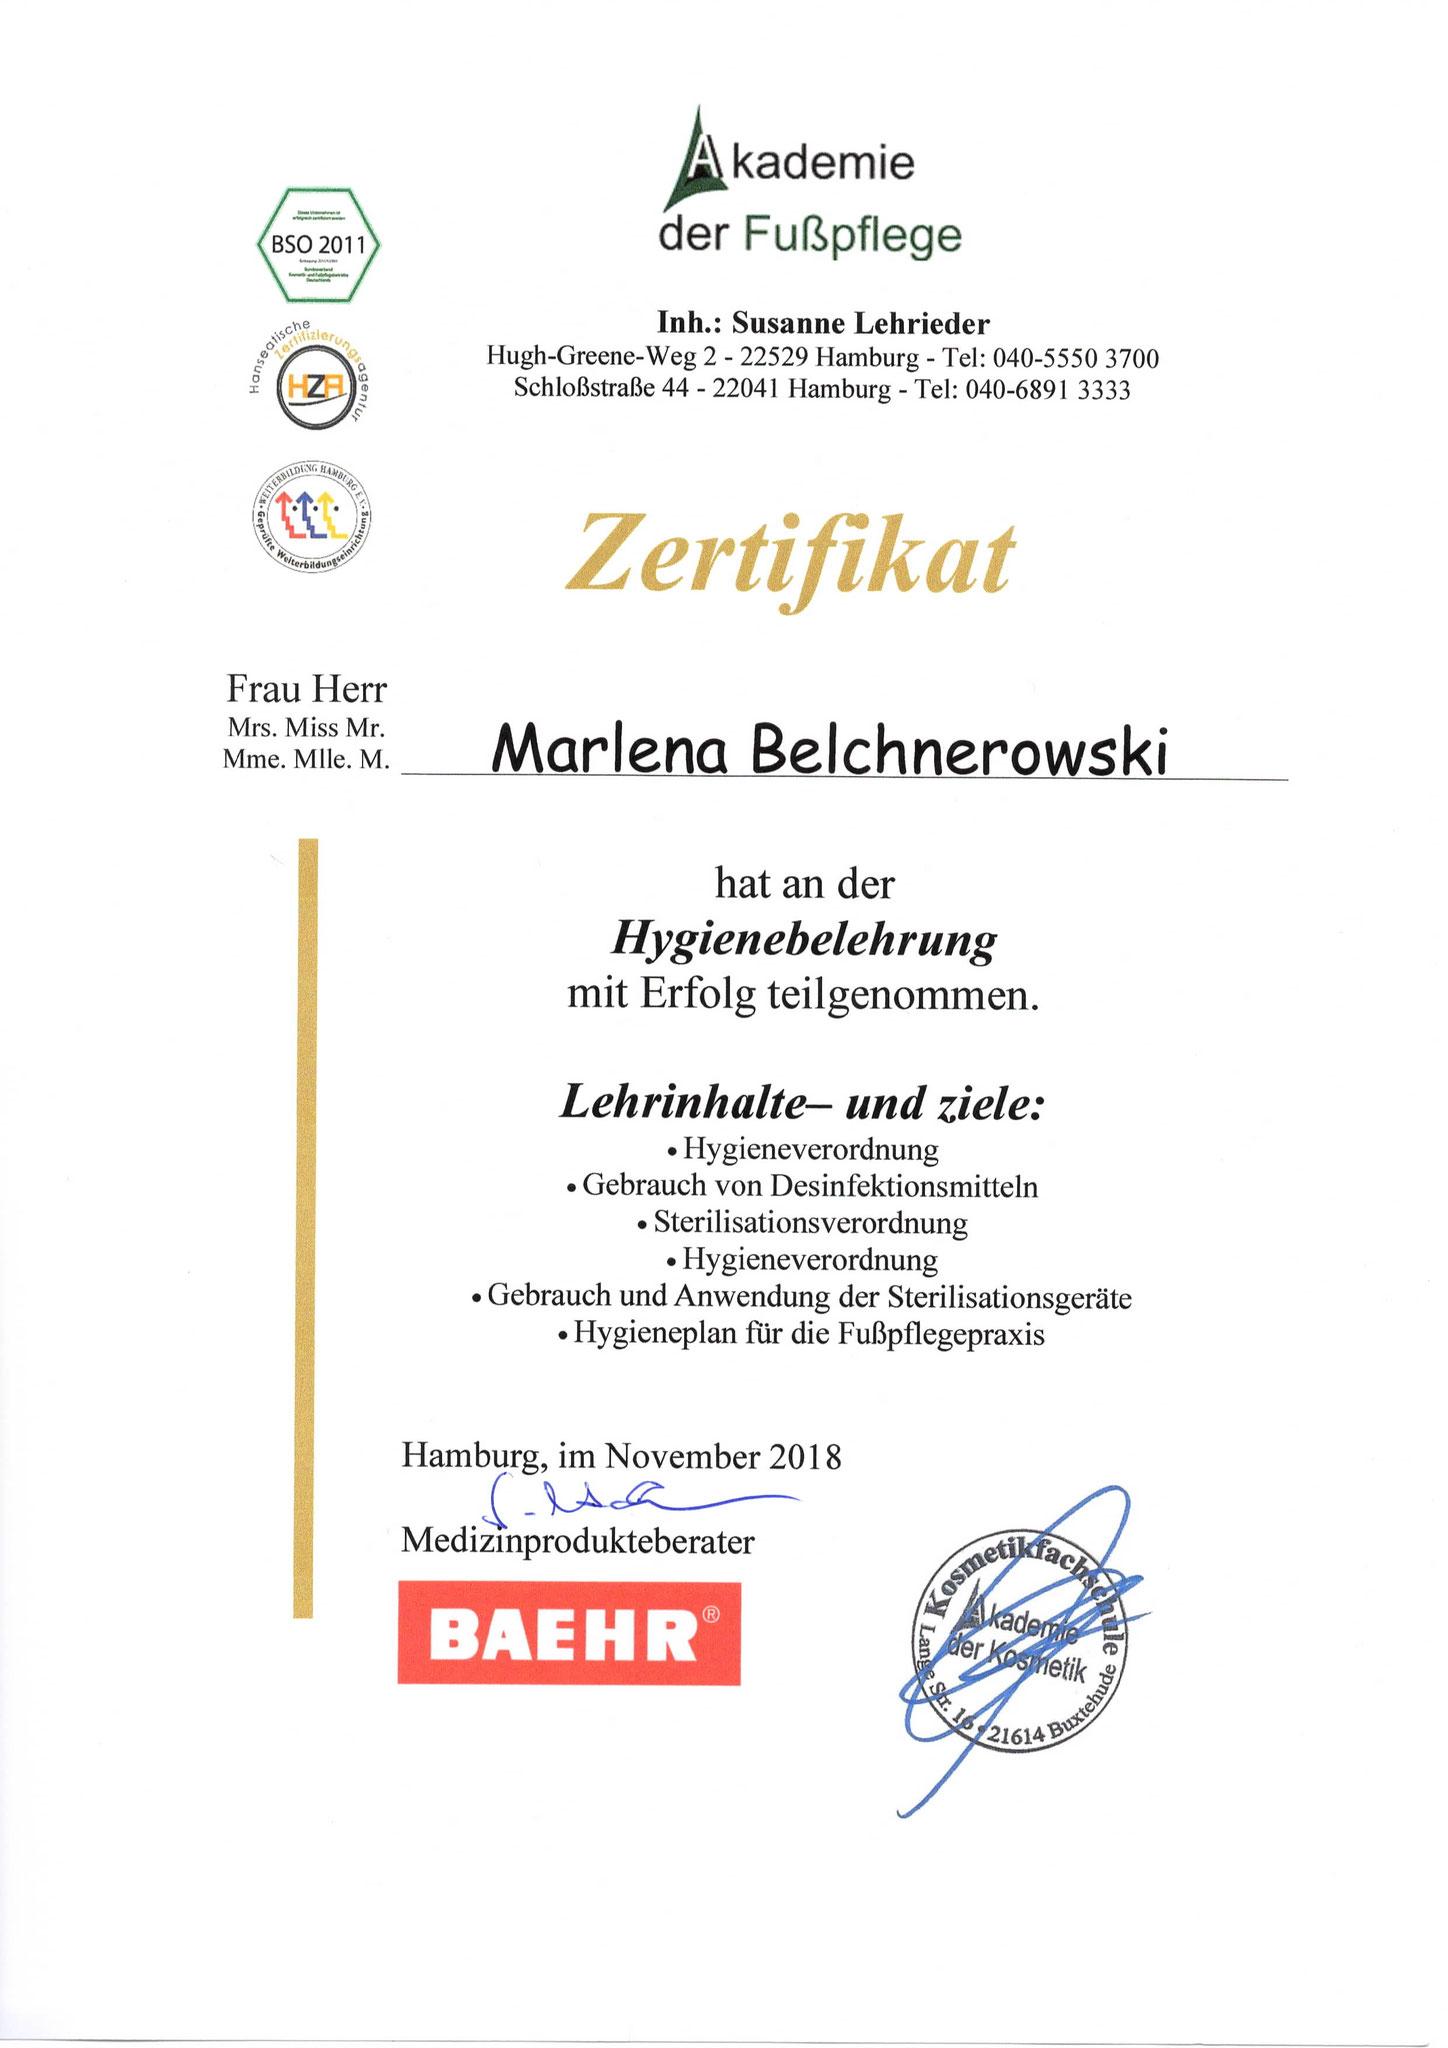 Fußpflege Hamburg Diplom 5